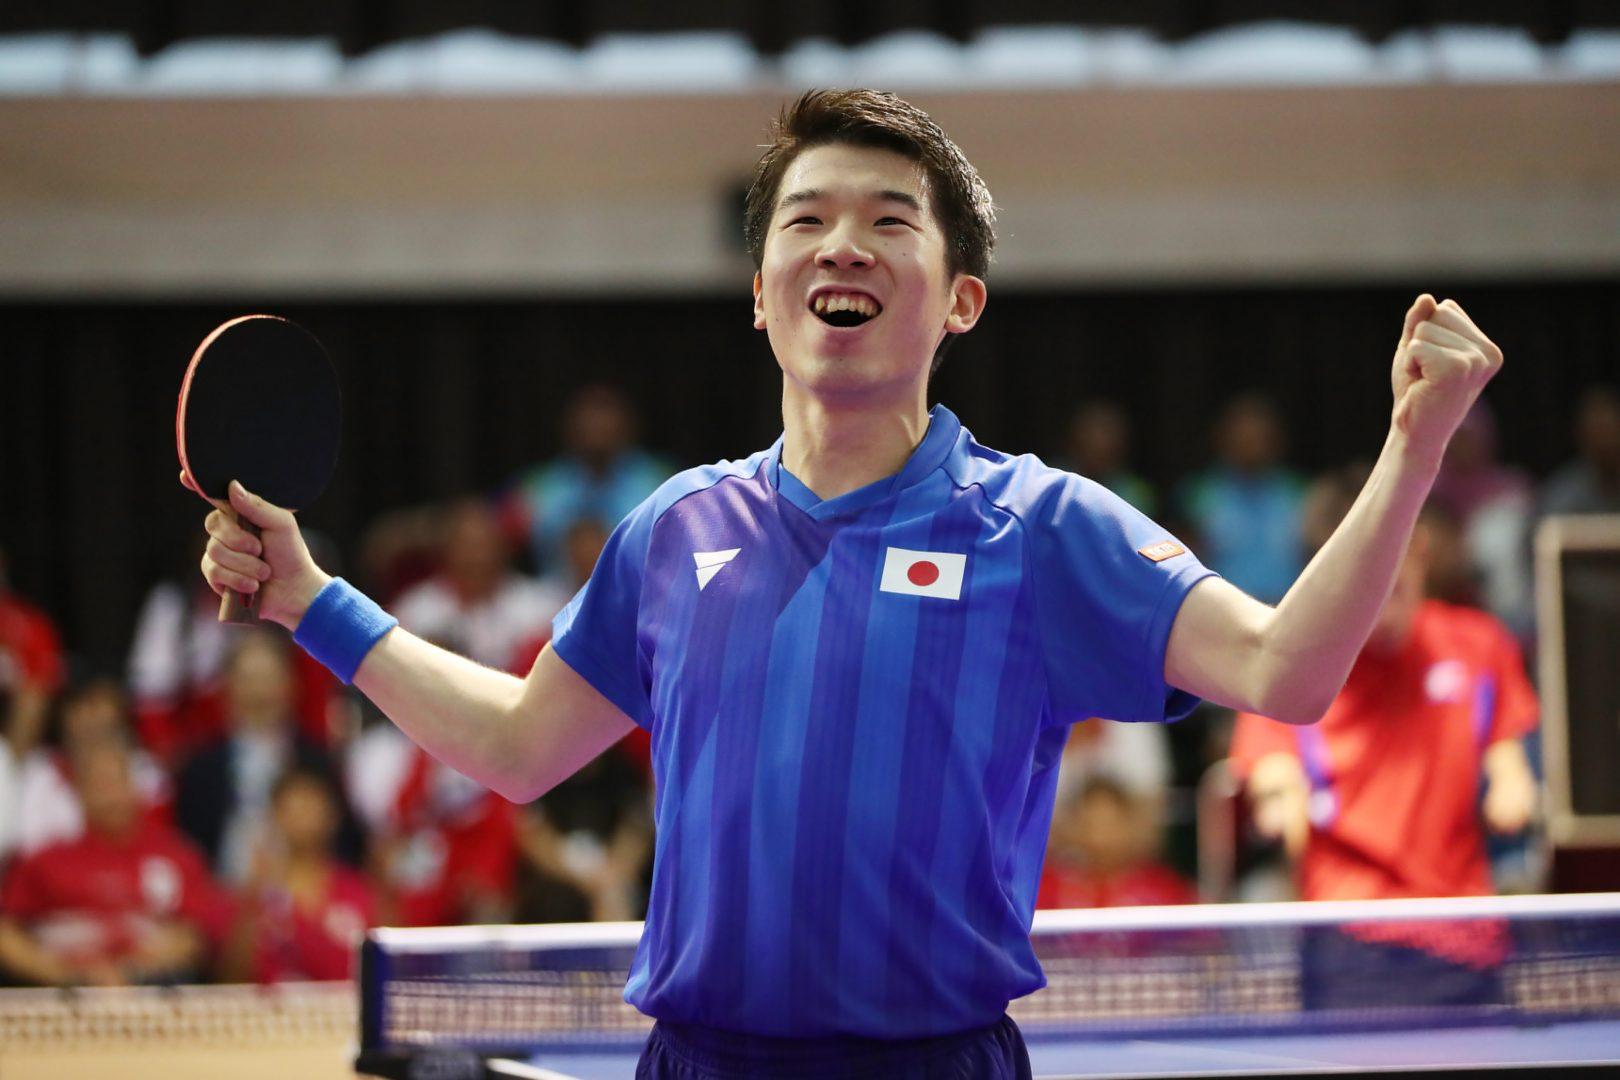 【パラ卓球】井上全悠がコスタリカオープンで優勝 「ボディバランス極め、上半身のみで勝てる卓球を」